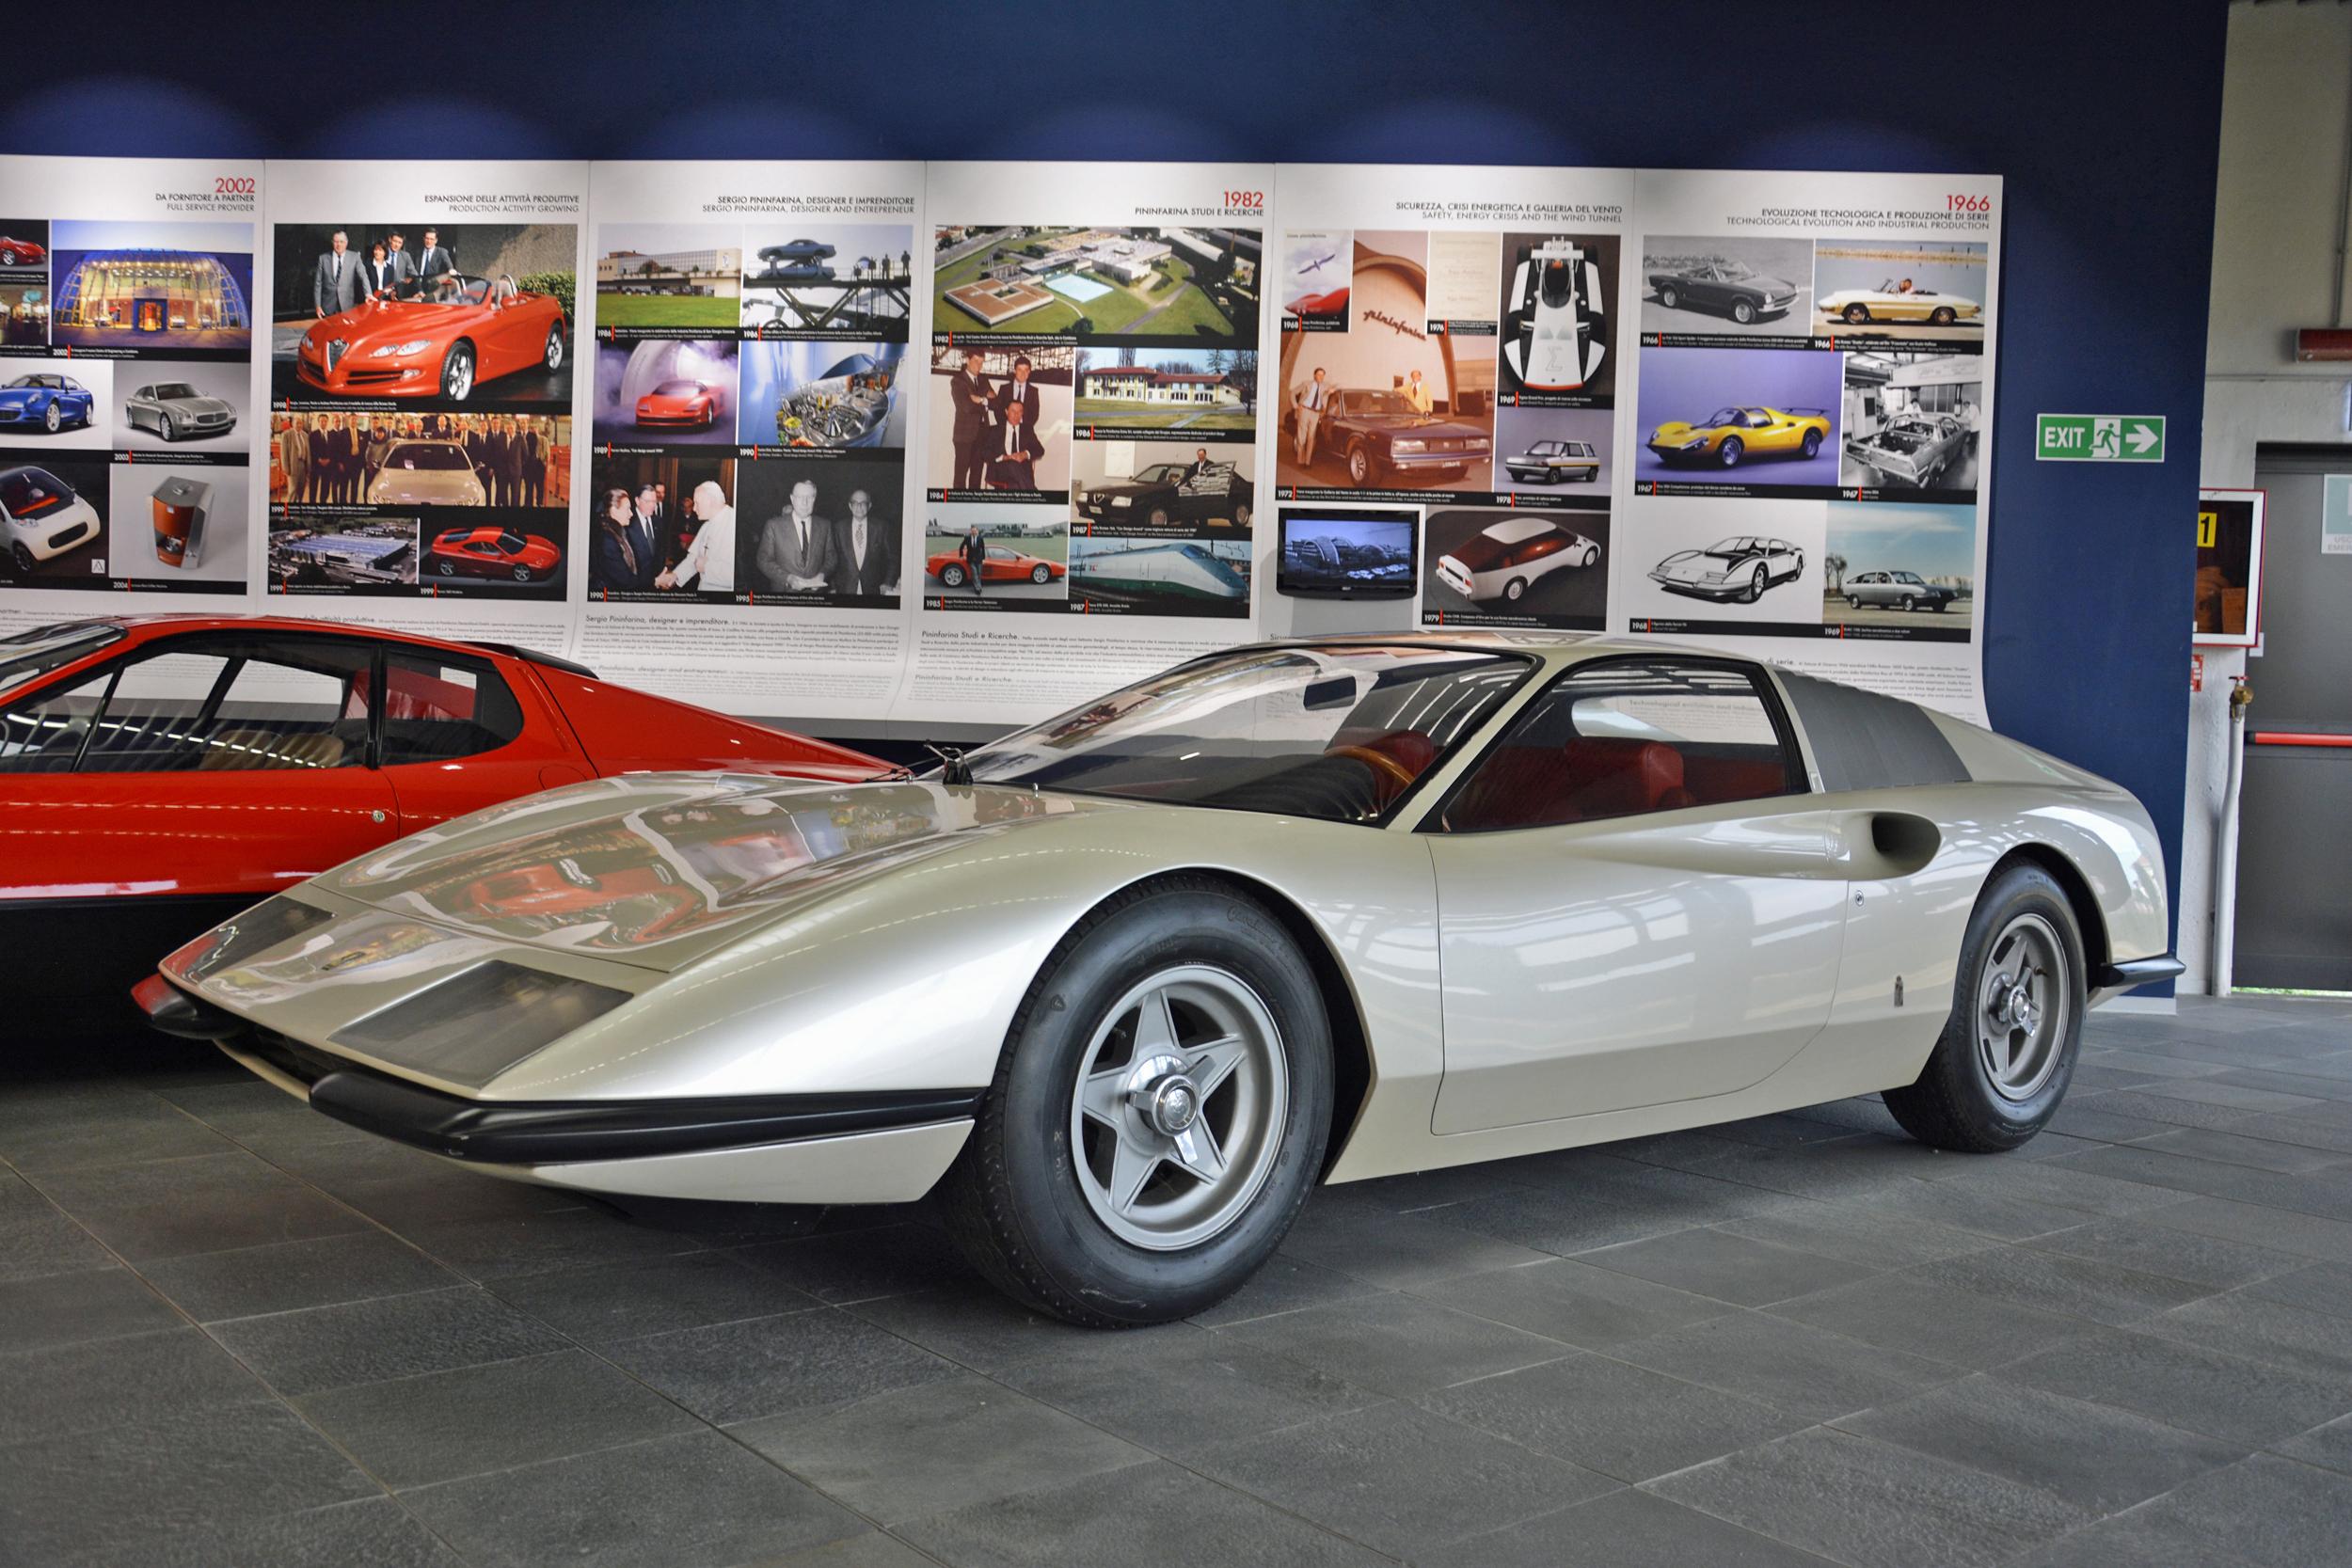 1968 ferrari p6 prototype front three quarter